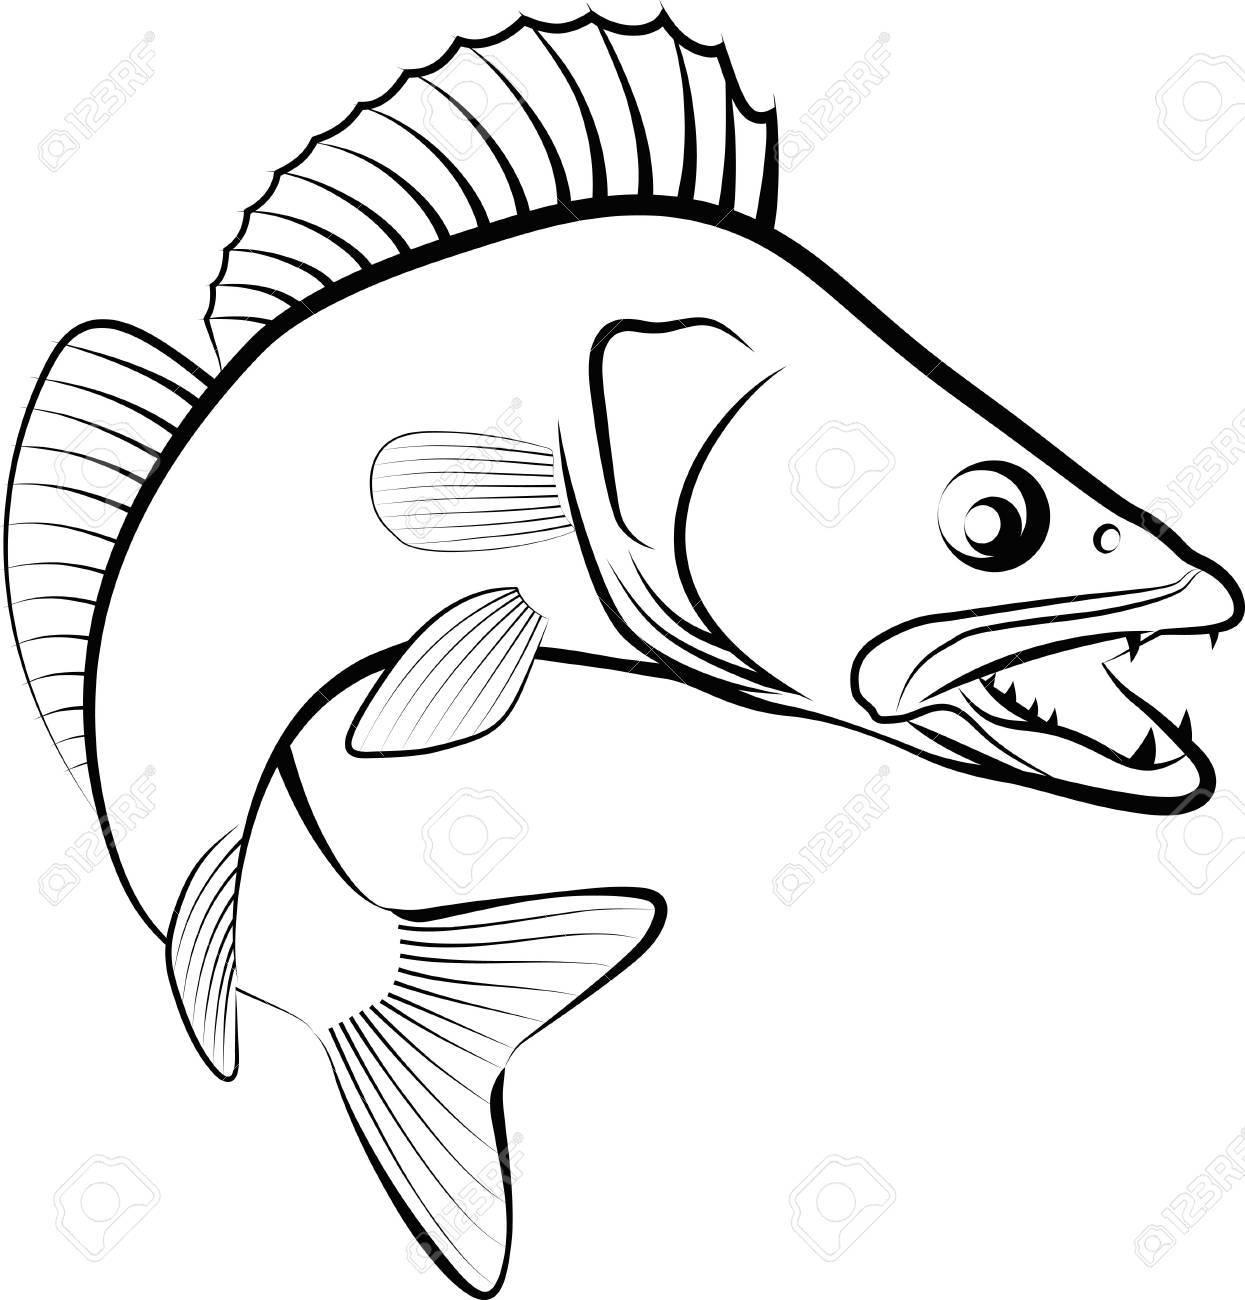 パイクの魚 - クリップ アート イラスト。 ロイヤリティフリークリップ